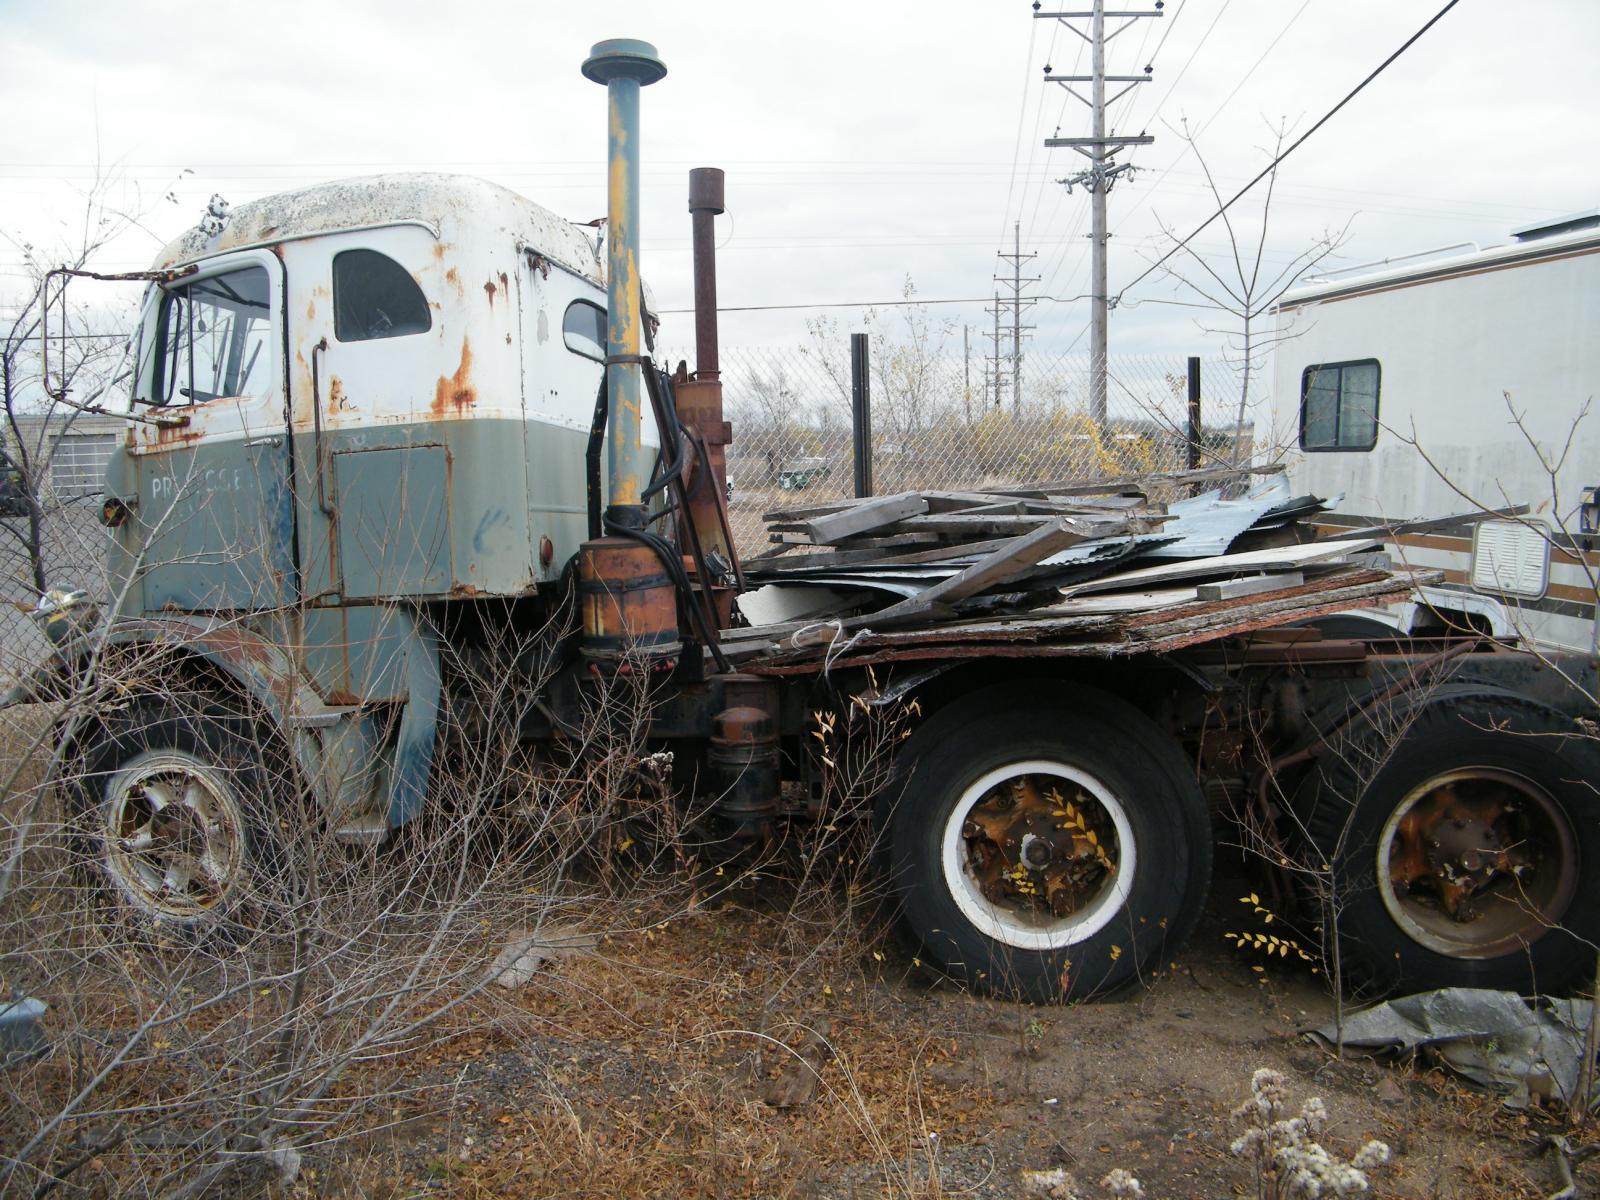 north west diesel salvage yard photos  st  cloud mn